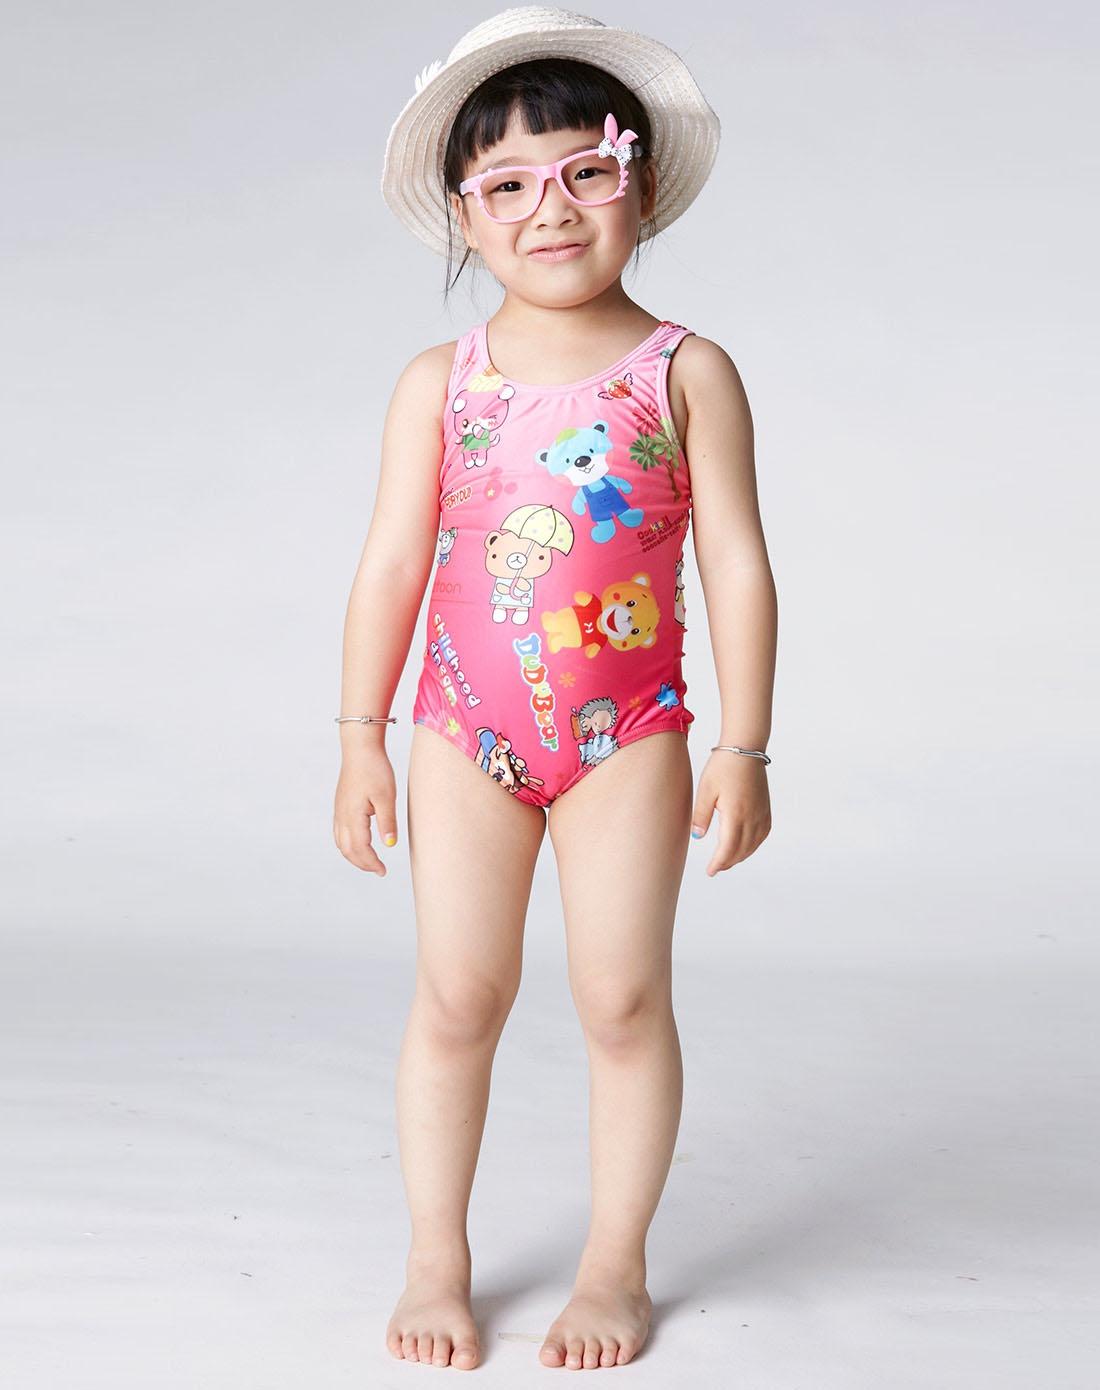 女童款粉红色连体三角泳衣 可爱卡通配搭